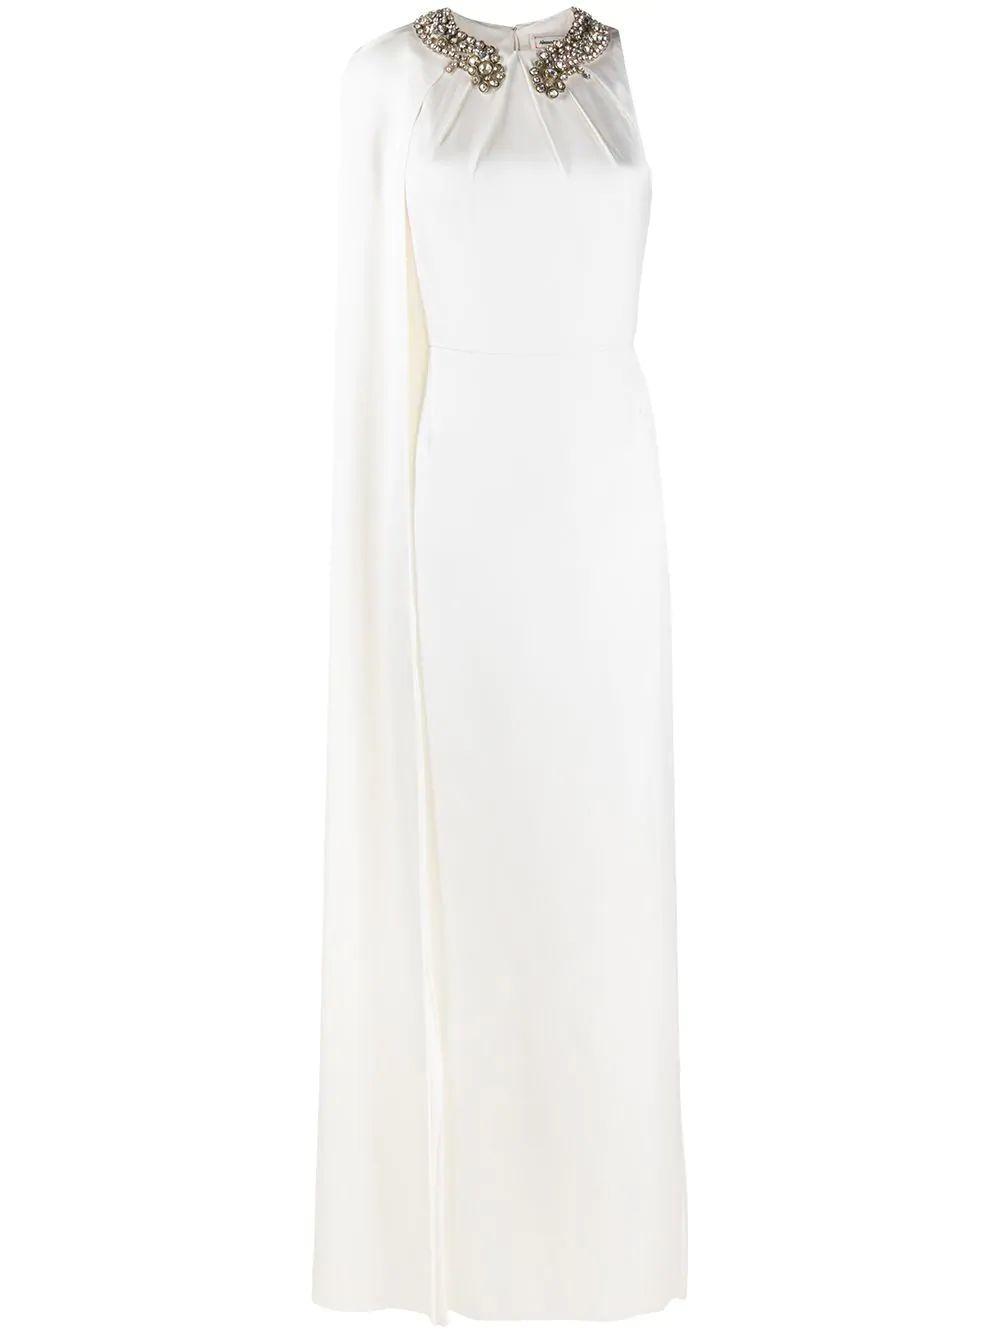 One Shoulder Long Dress Item # 627879QBAAE